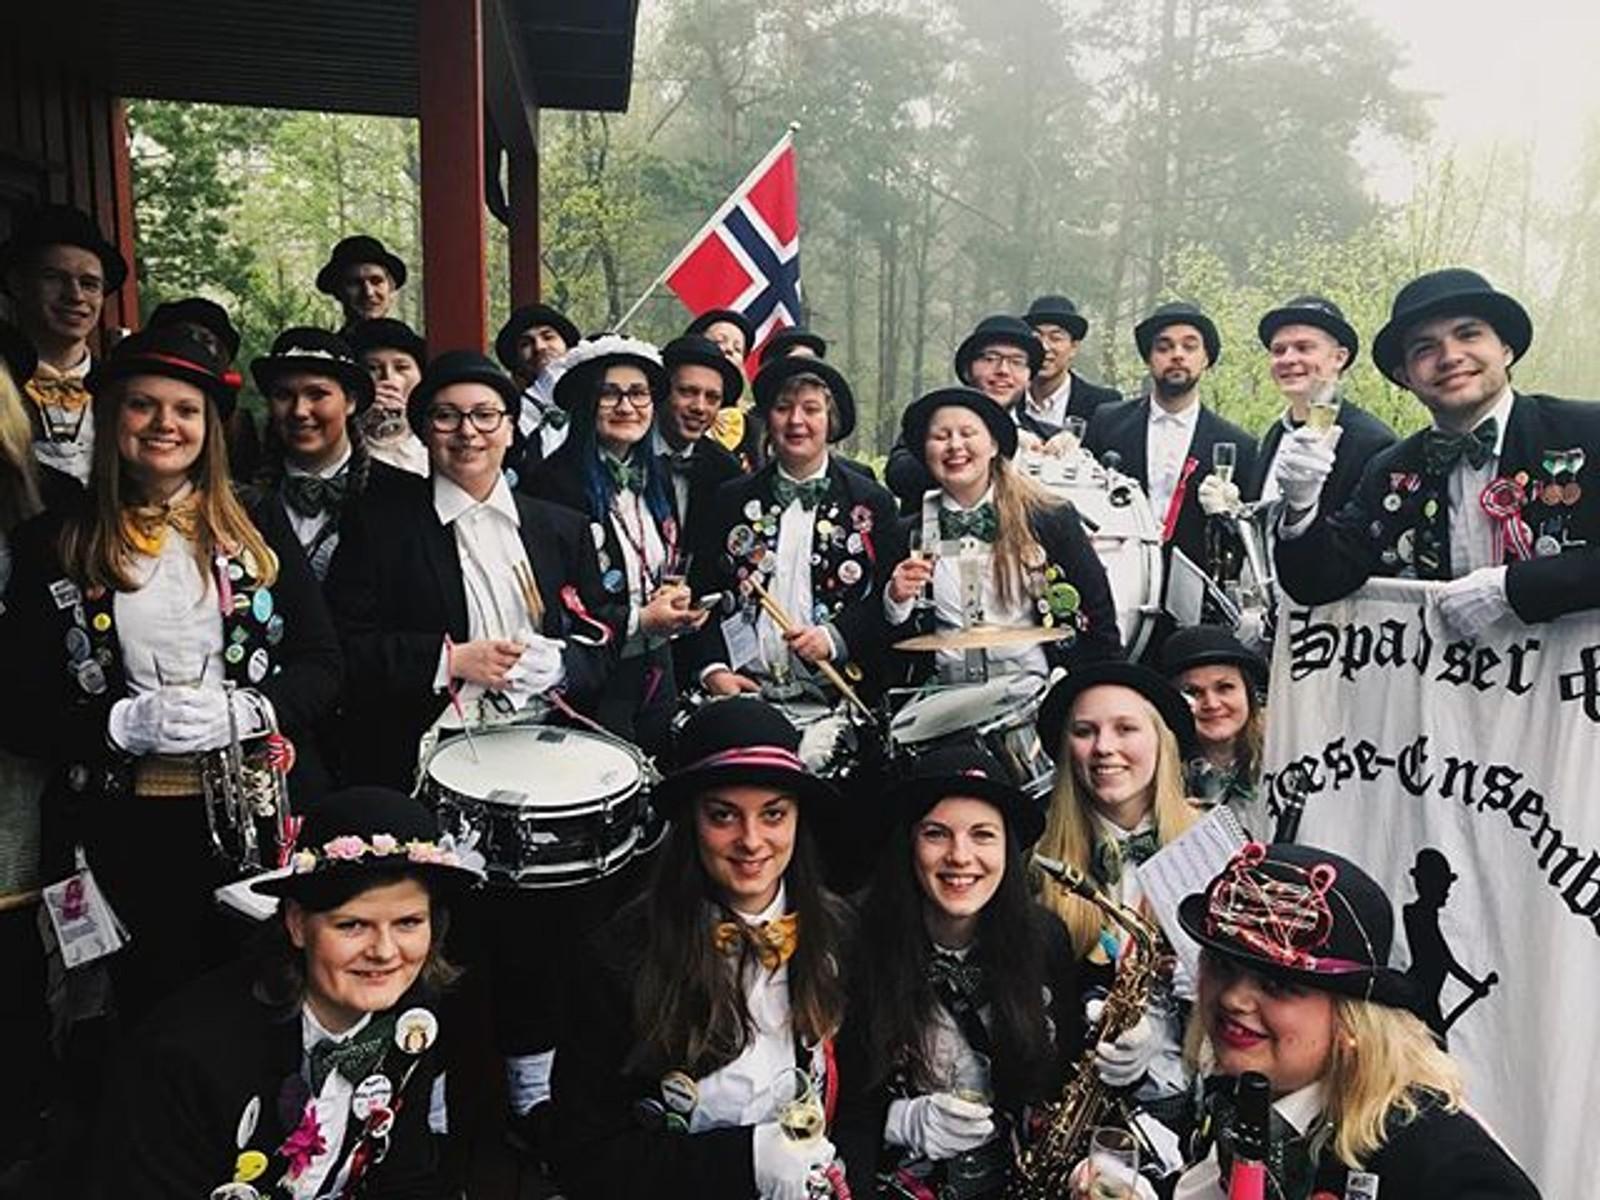 Blæsen studentorkester startet dagen med champagnefrokost. Takk til #Ingvildrokke for deling!